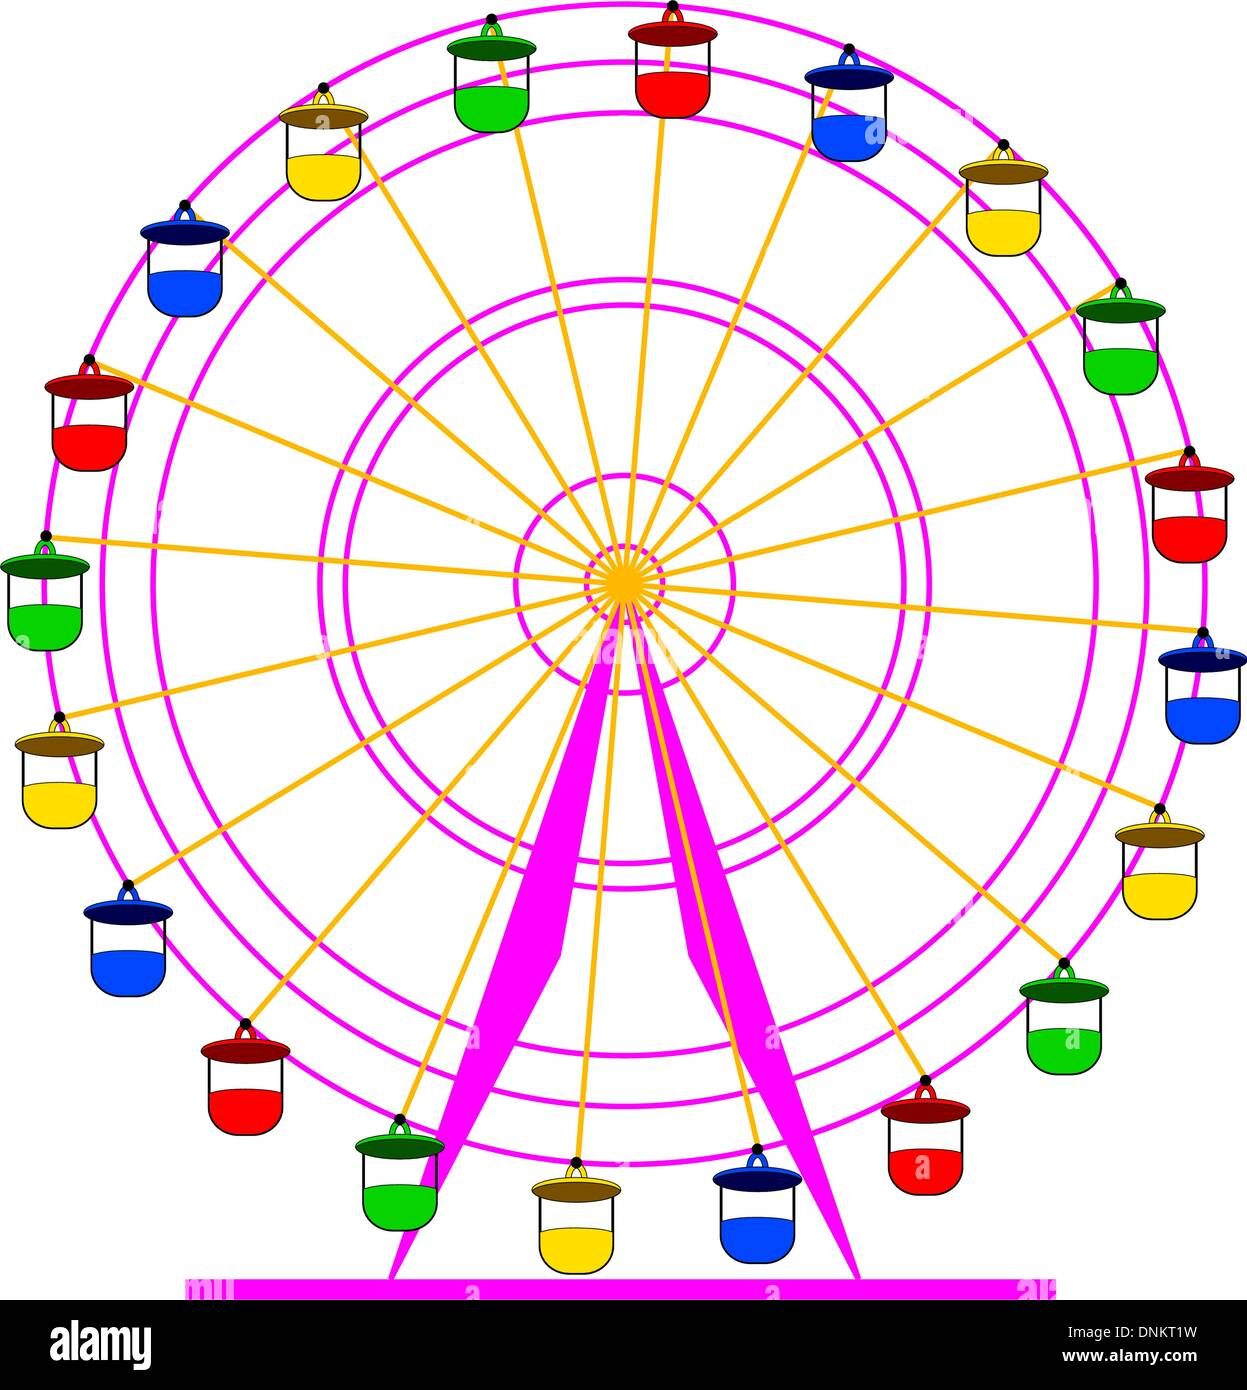 Silueta atraktsion coloridos noria. Ilustración vectorial. Ilustración del Vector